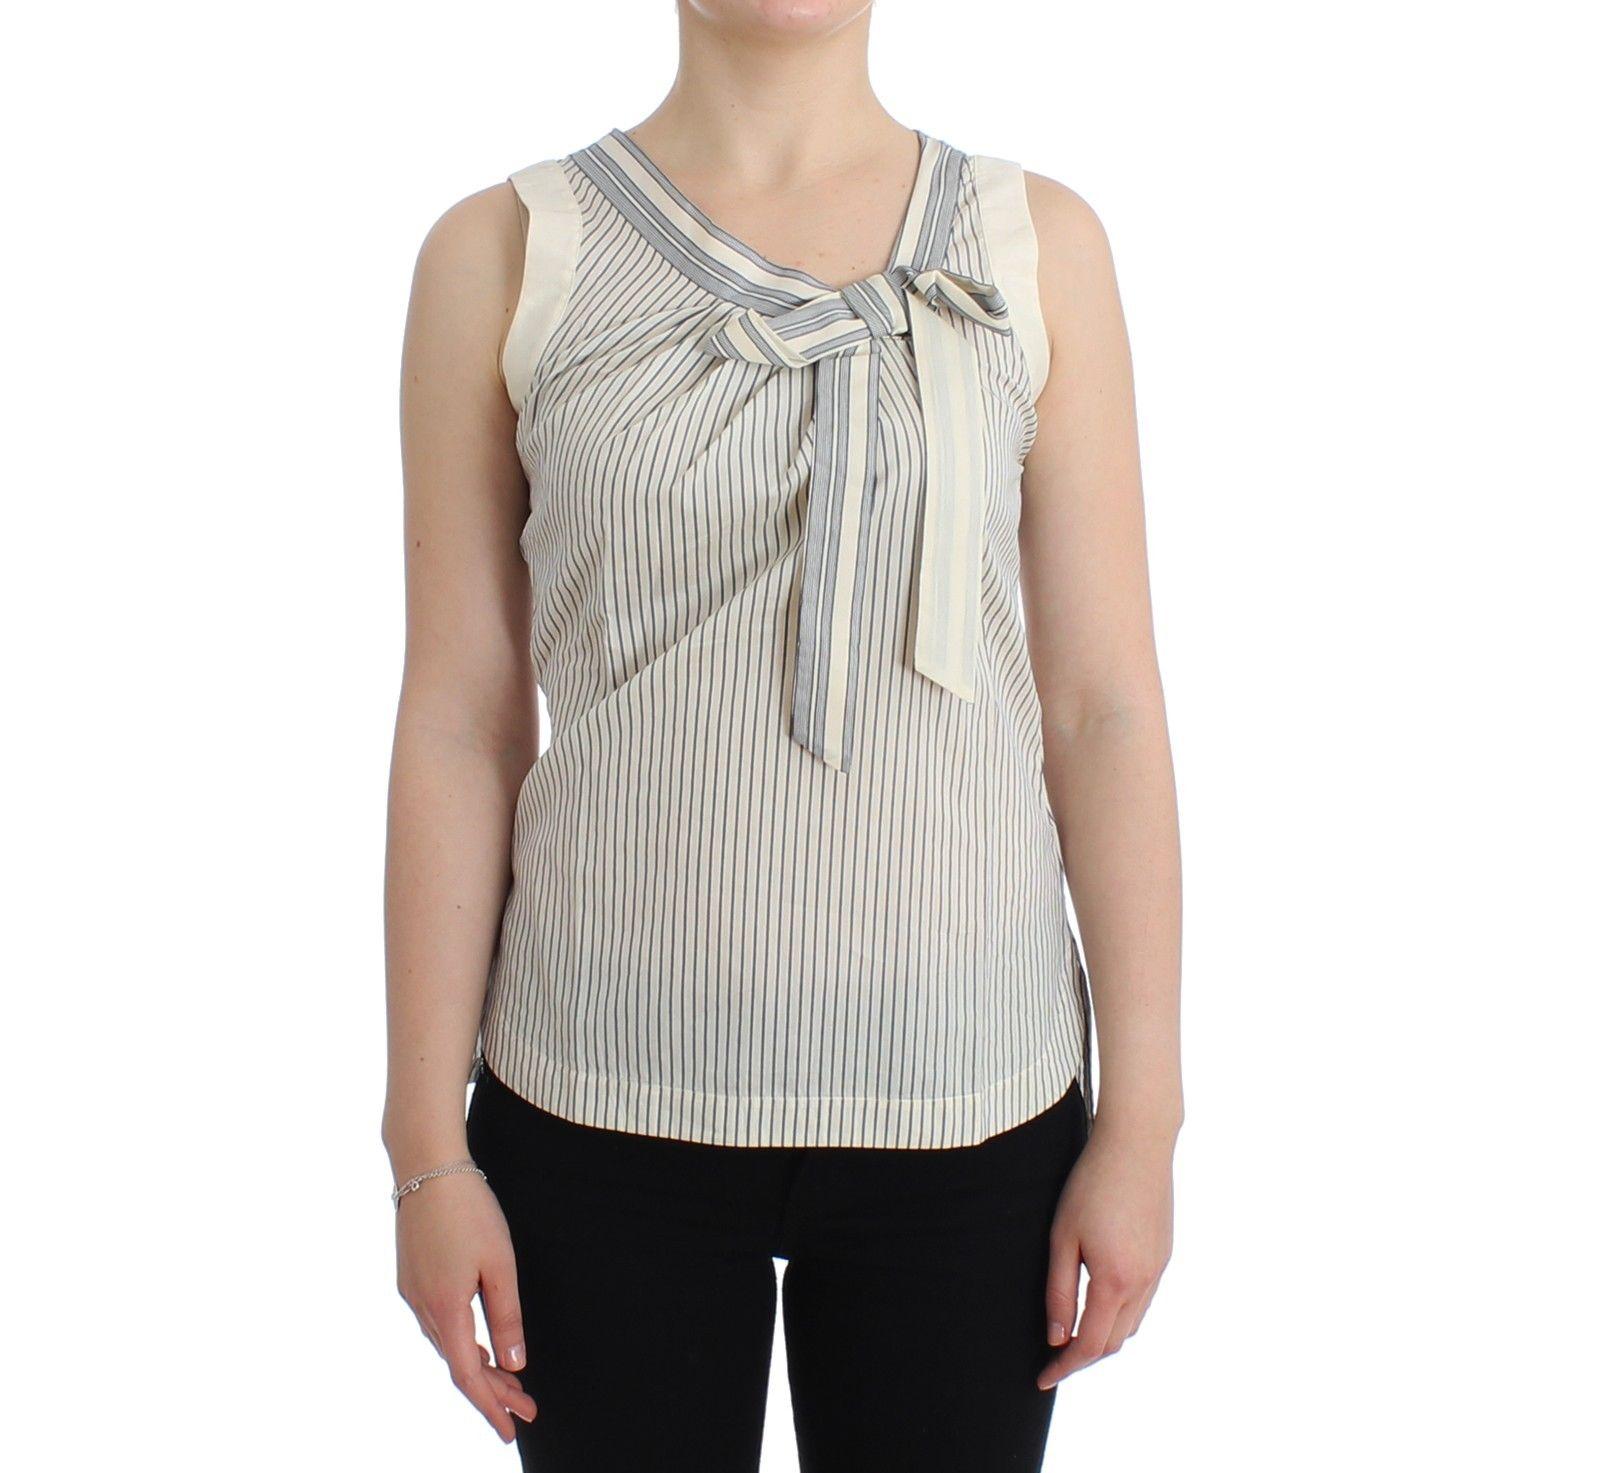 Ermanno Scervino Women's Striped Top White SIG11505 - IT2   S